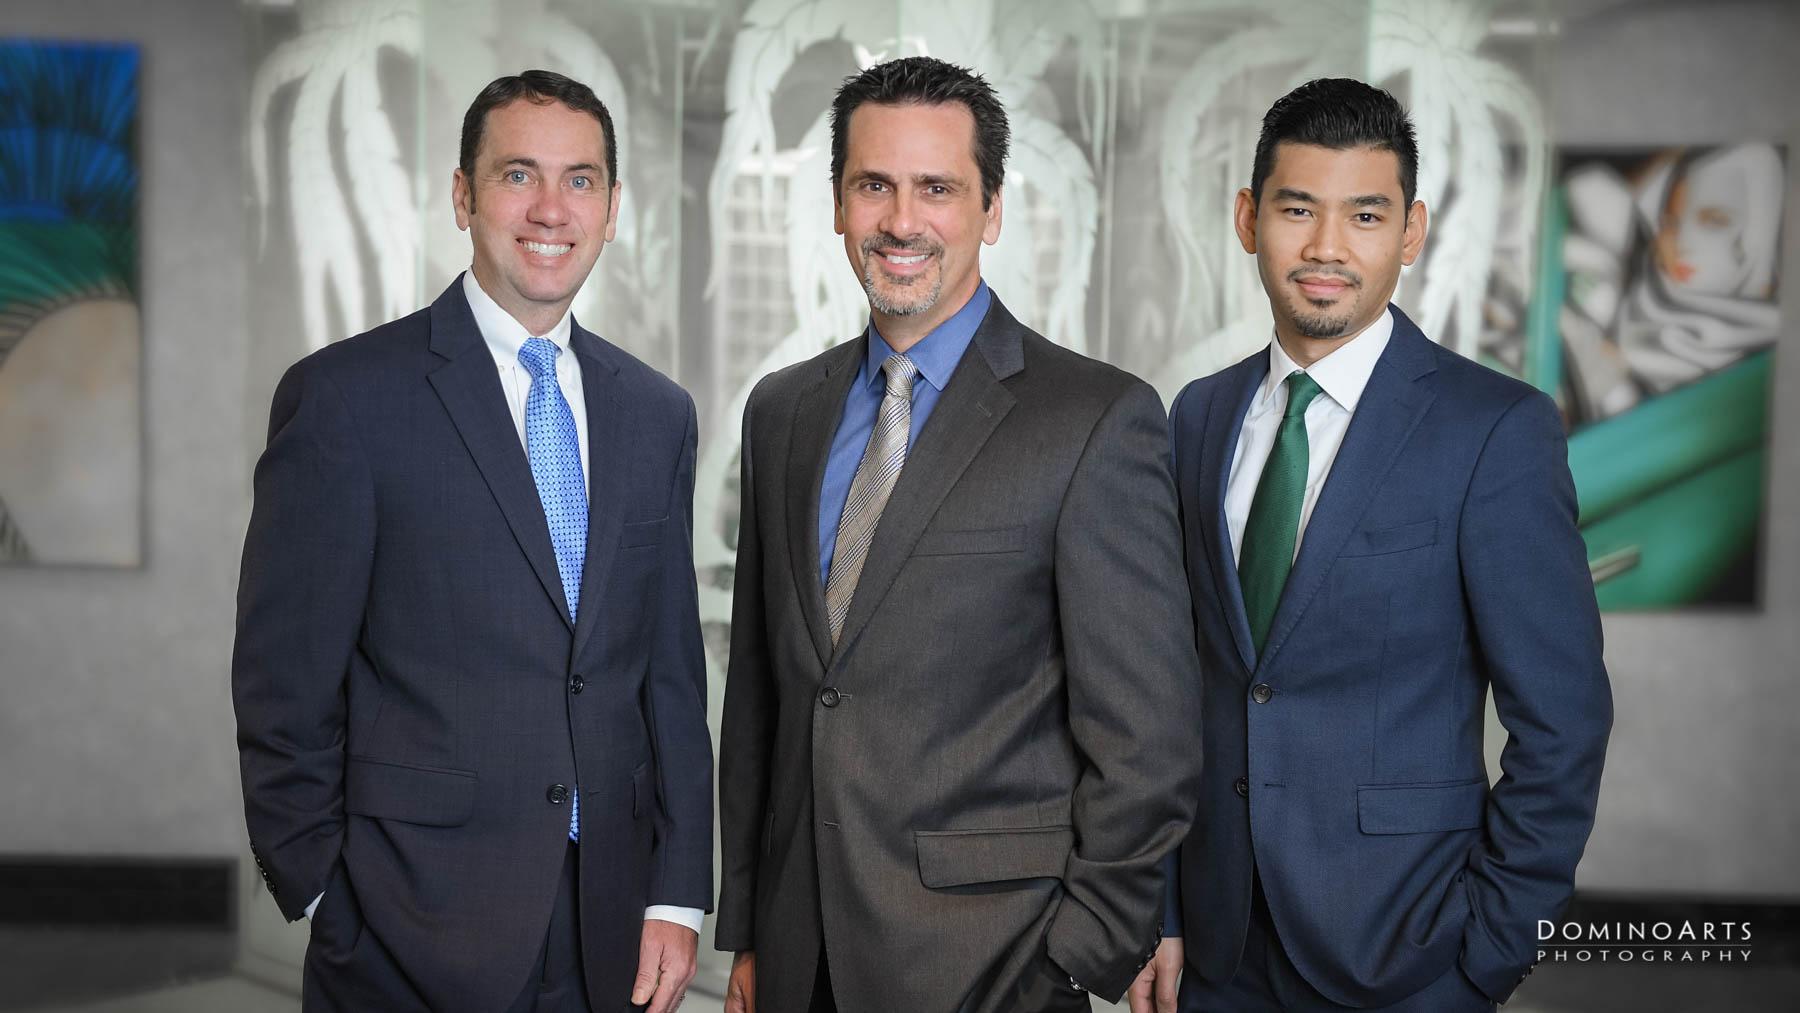 Best attorney headshots